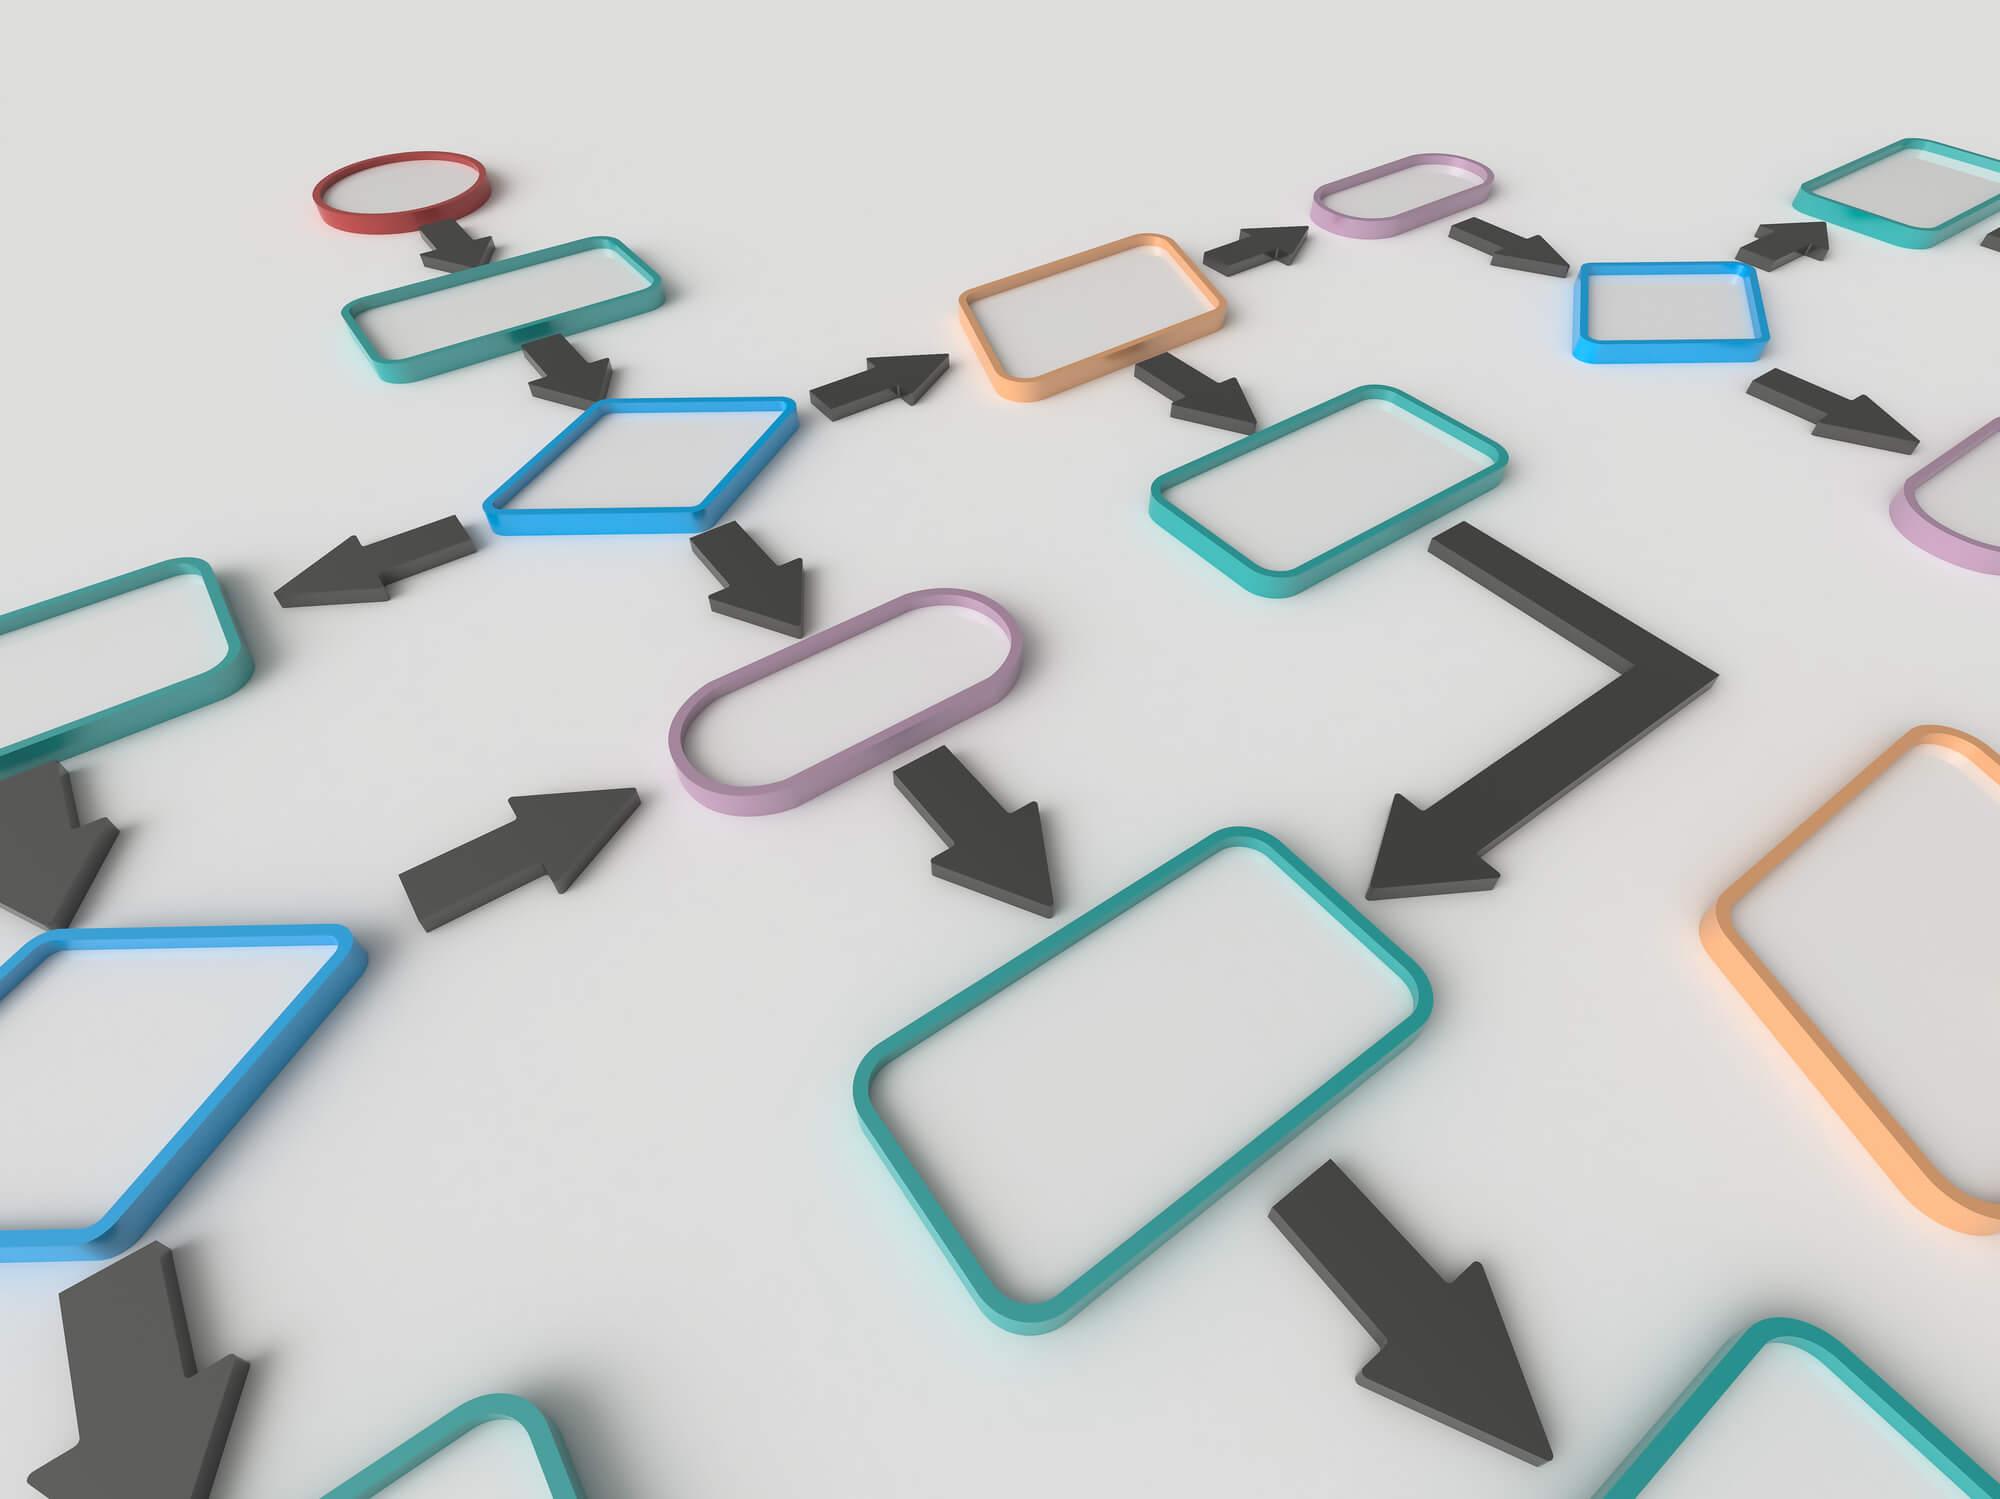 商品やサービスを定額制で提供するサブスクリプションサービスの3つの実例と企業・顧客にもたらすメリット